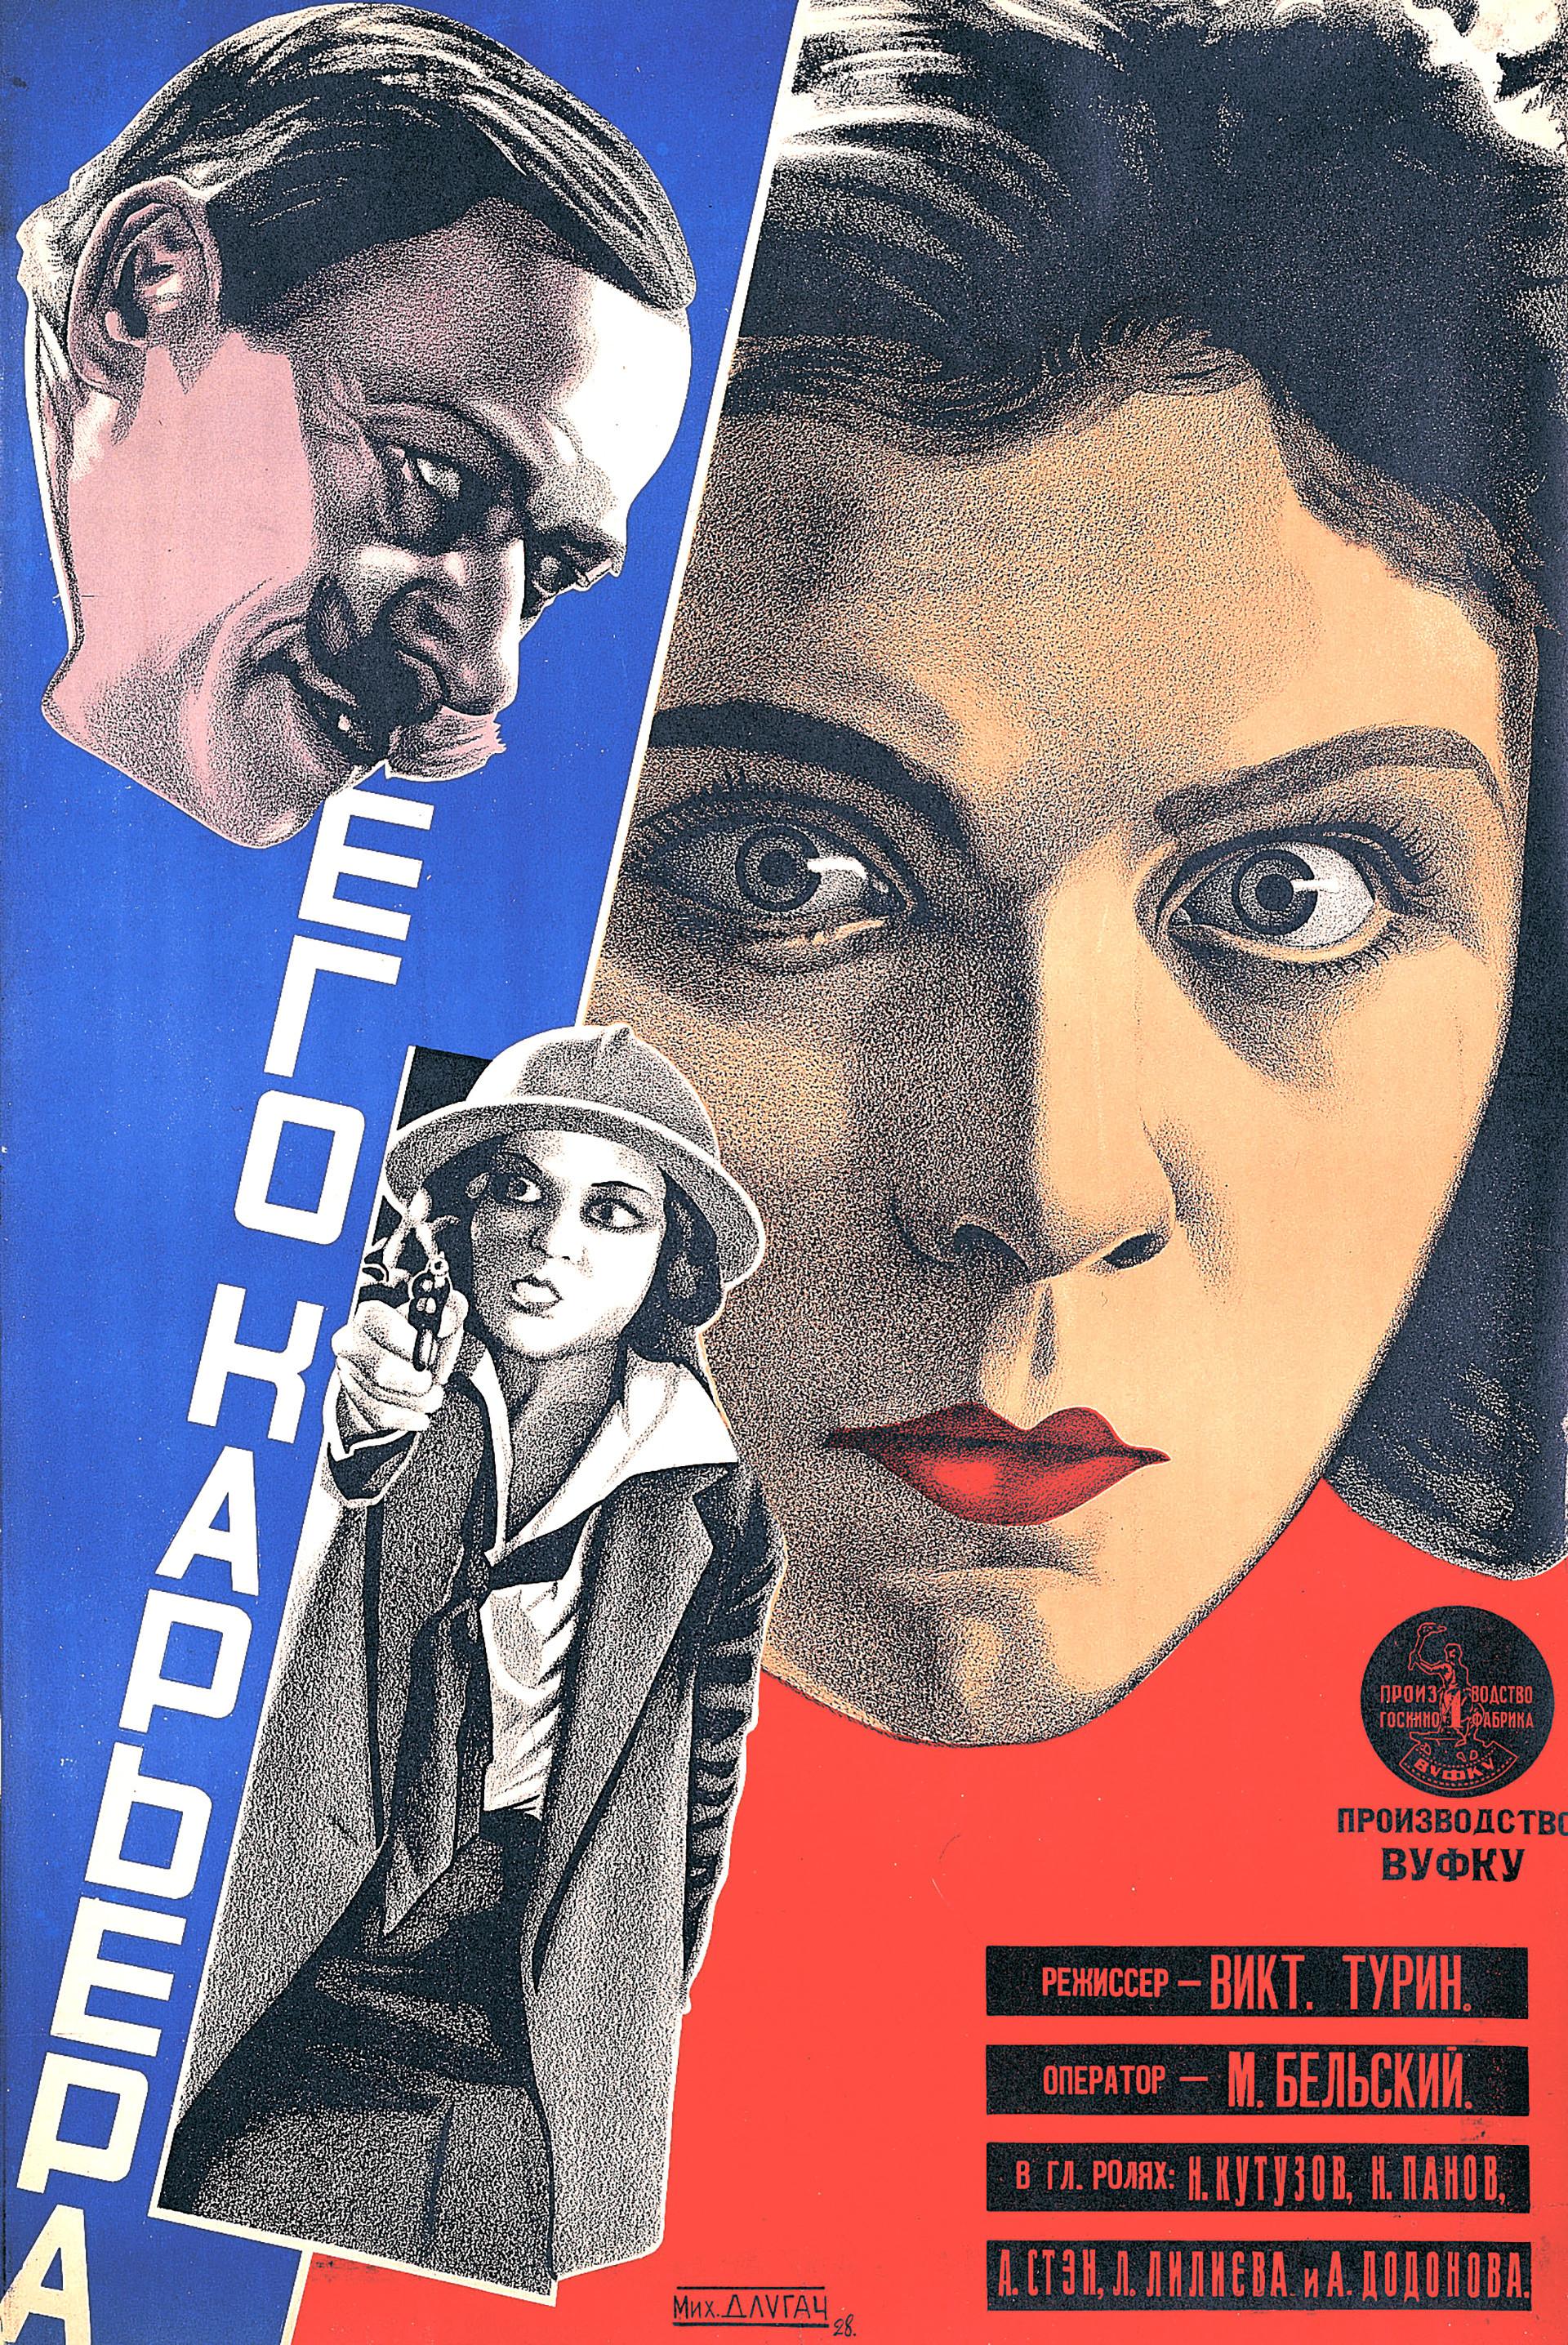 ミハイル・ドルガチ、映画『彼の出世』(1928)のポスター